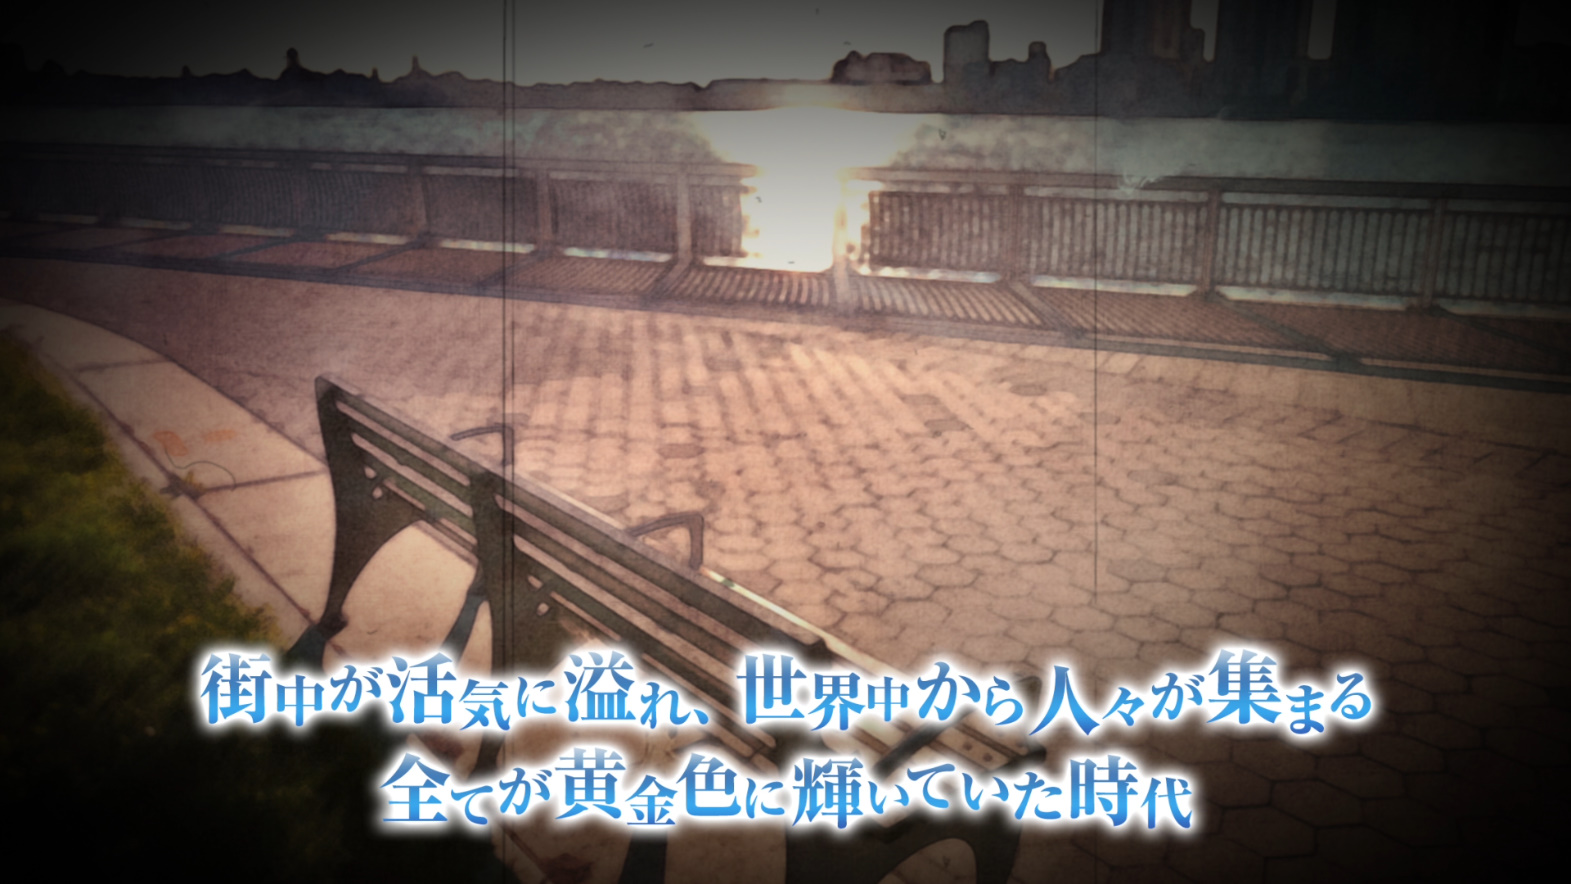 神宫寺烧脑新篇《代达罗斯:黄金爵士乐的觉醒》新PV